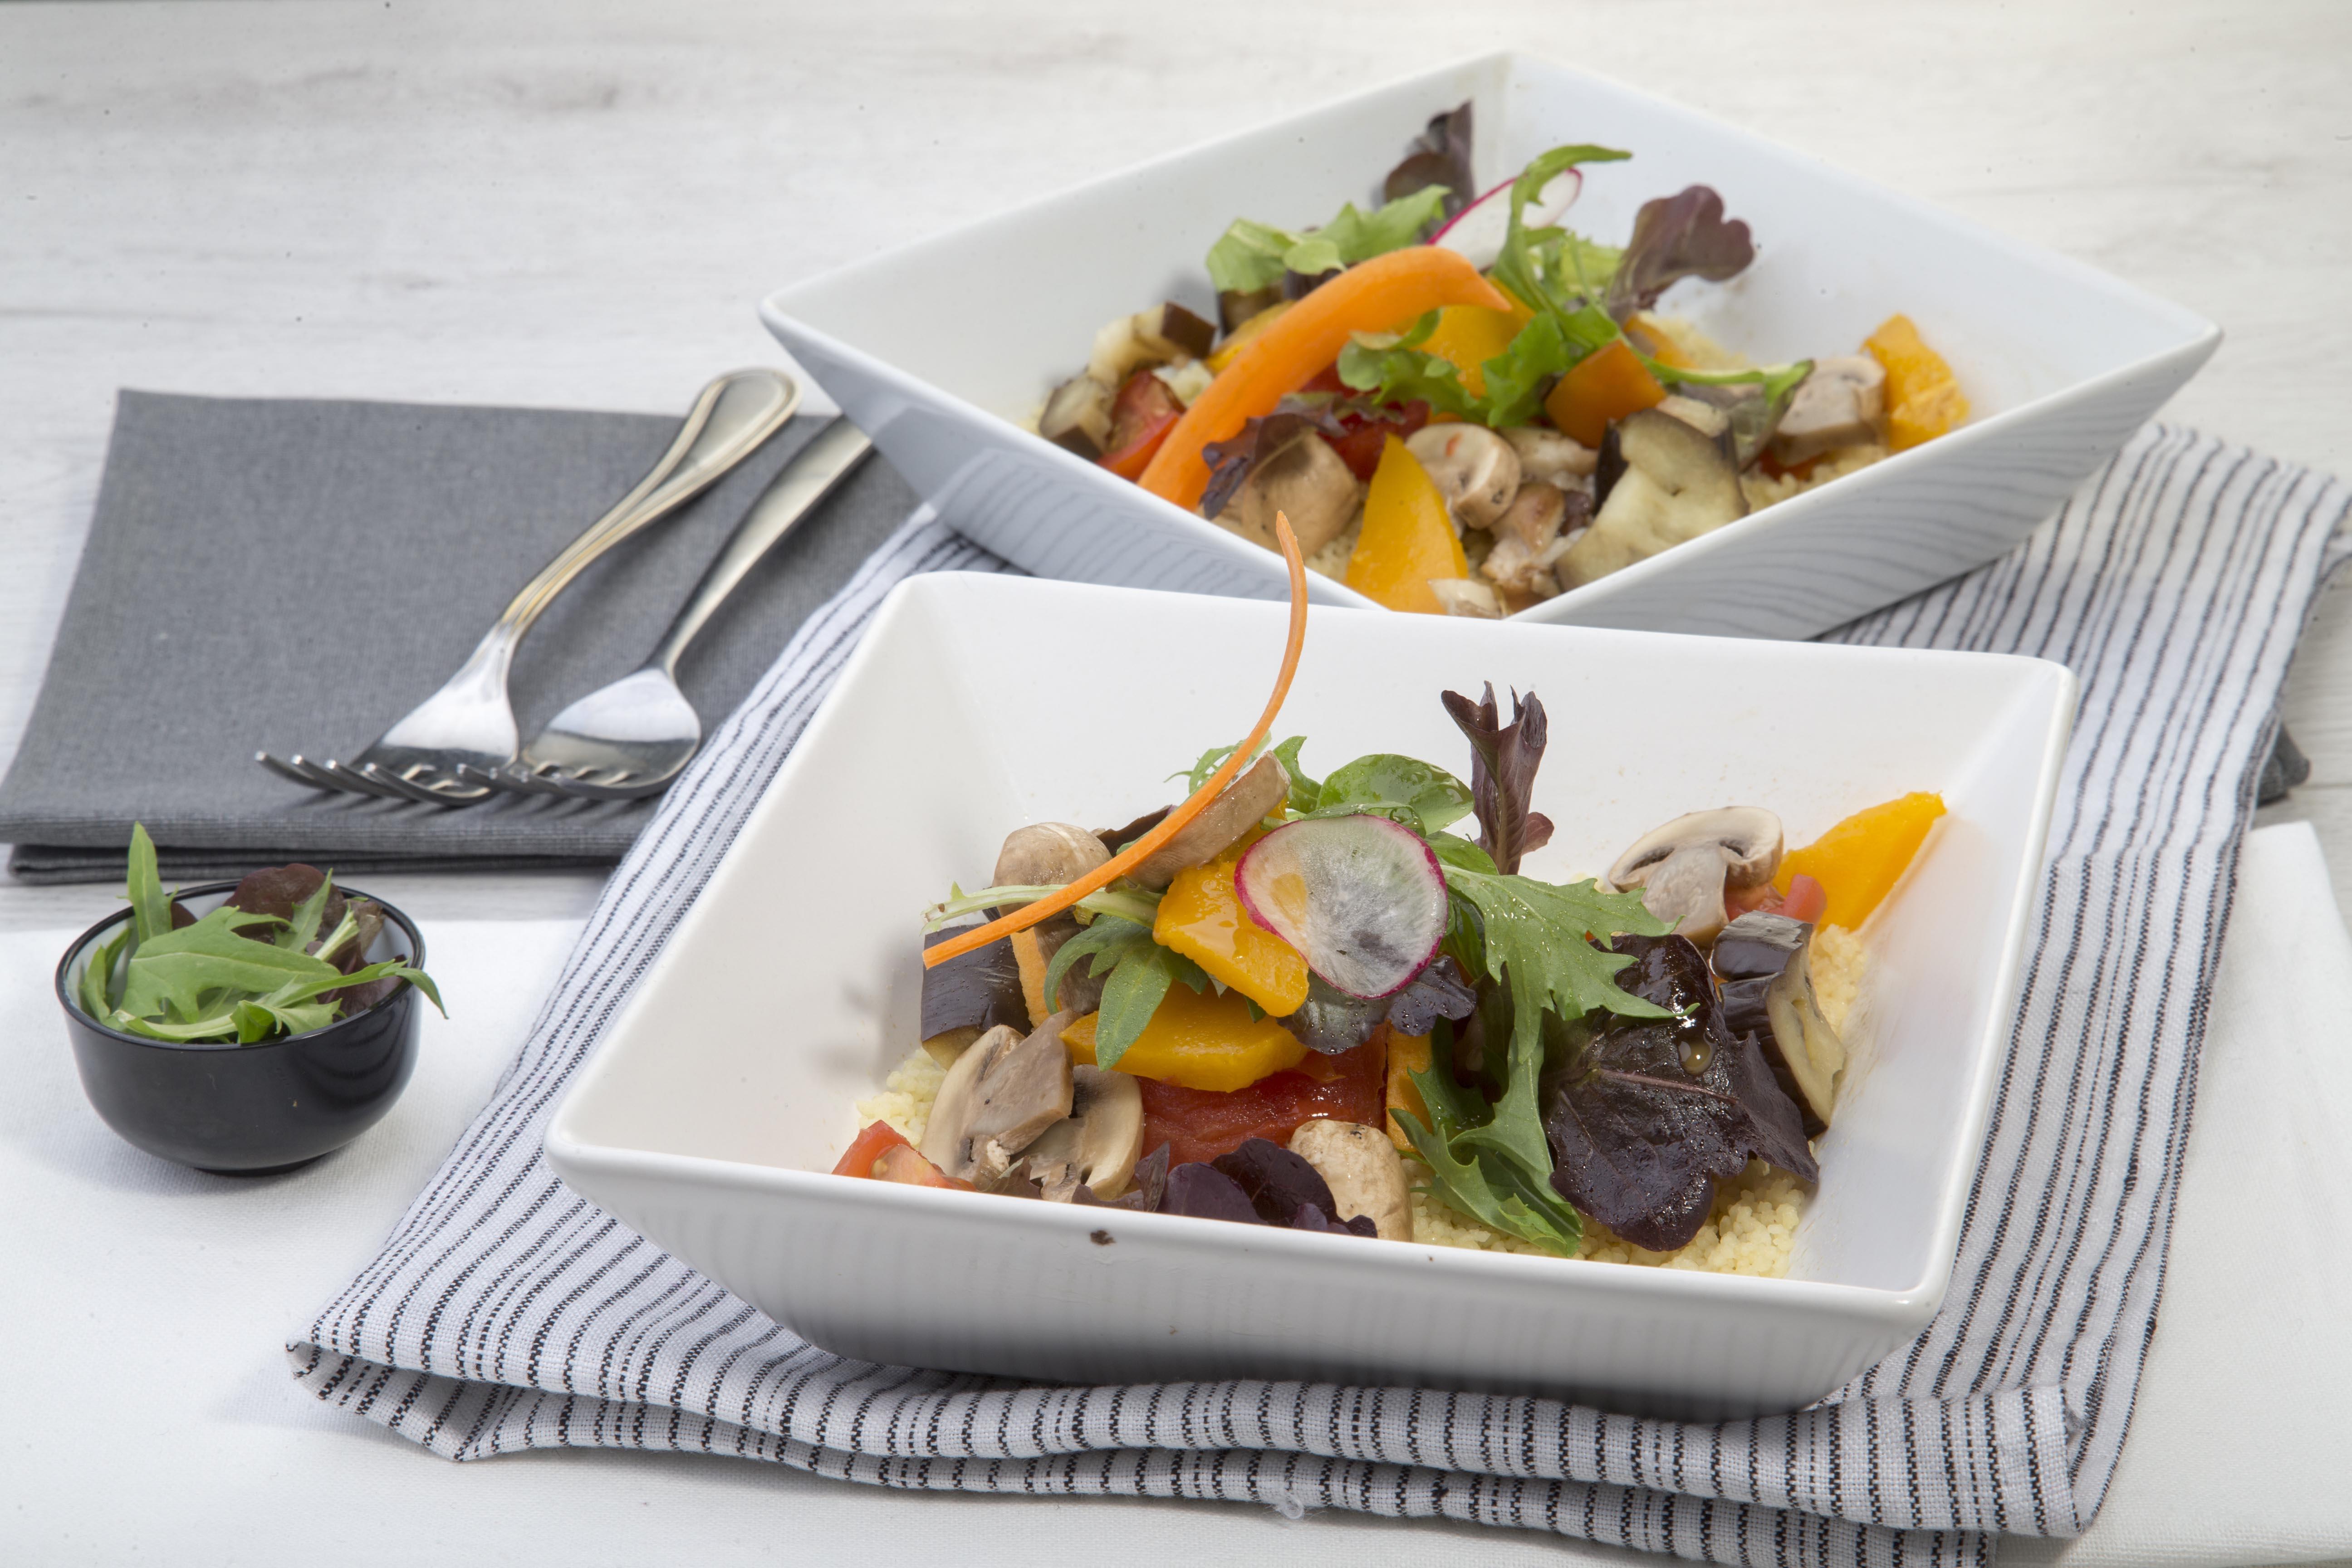 ensalada mzclum intensa de verduras para